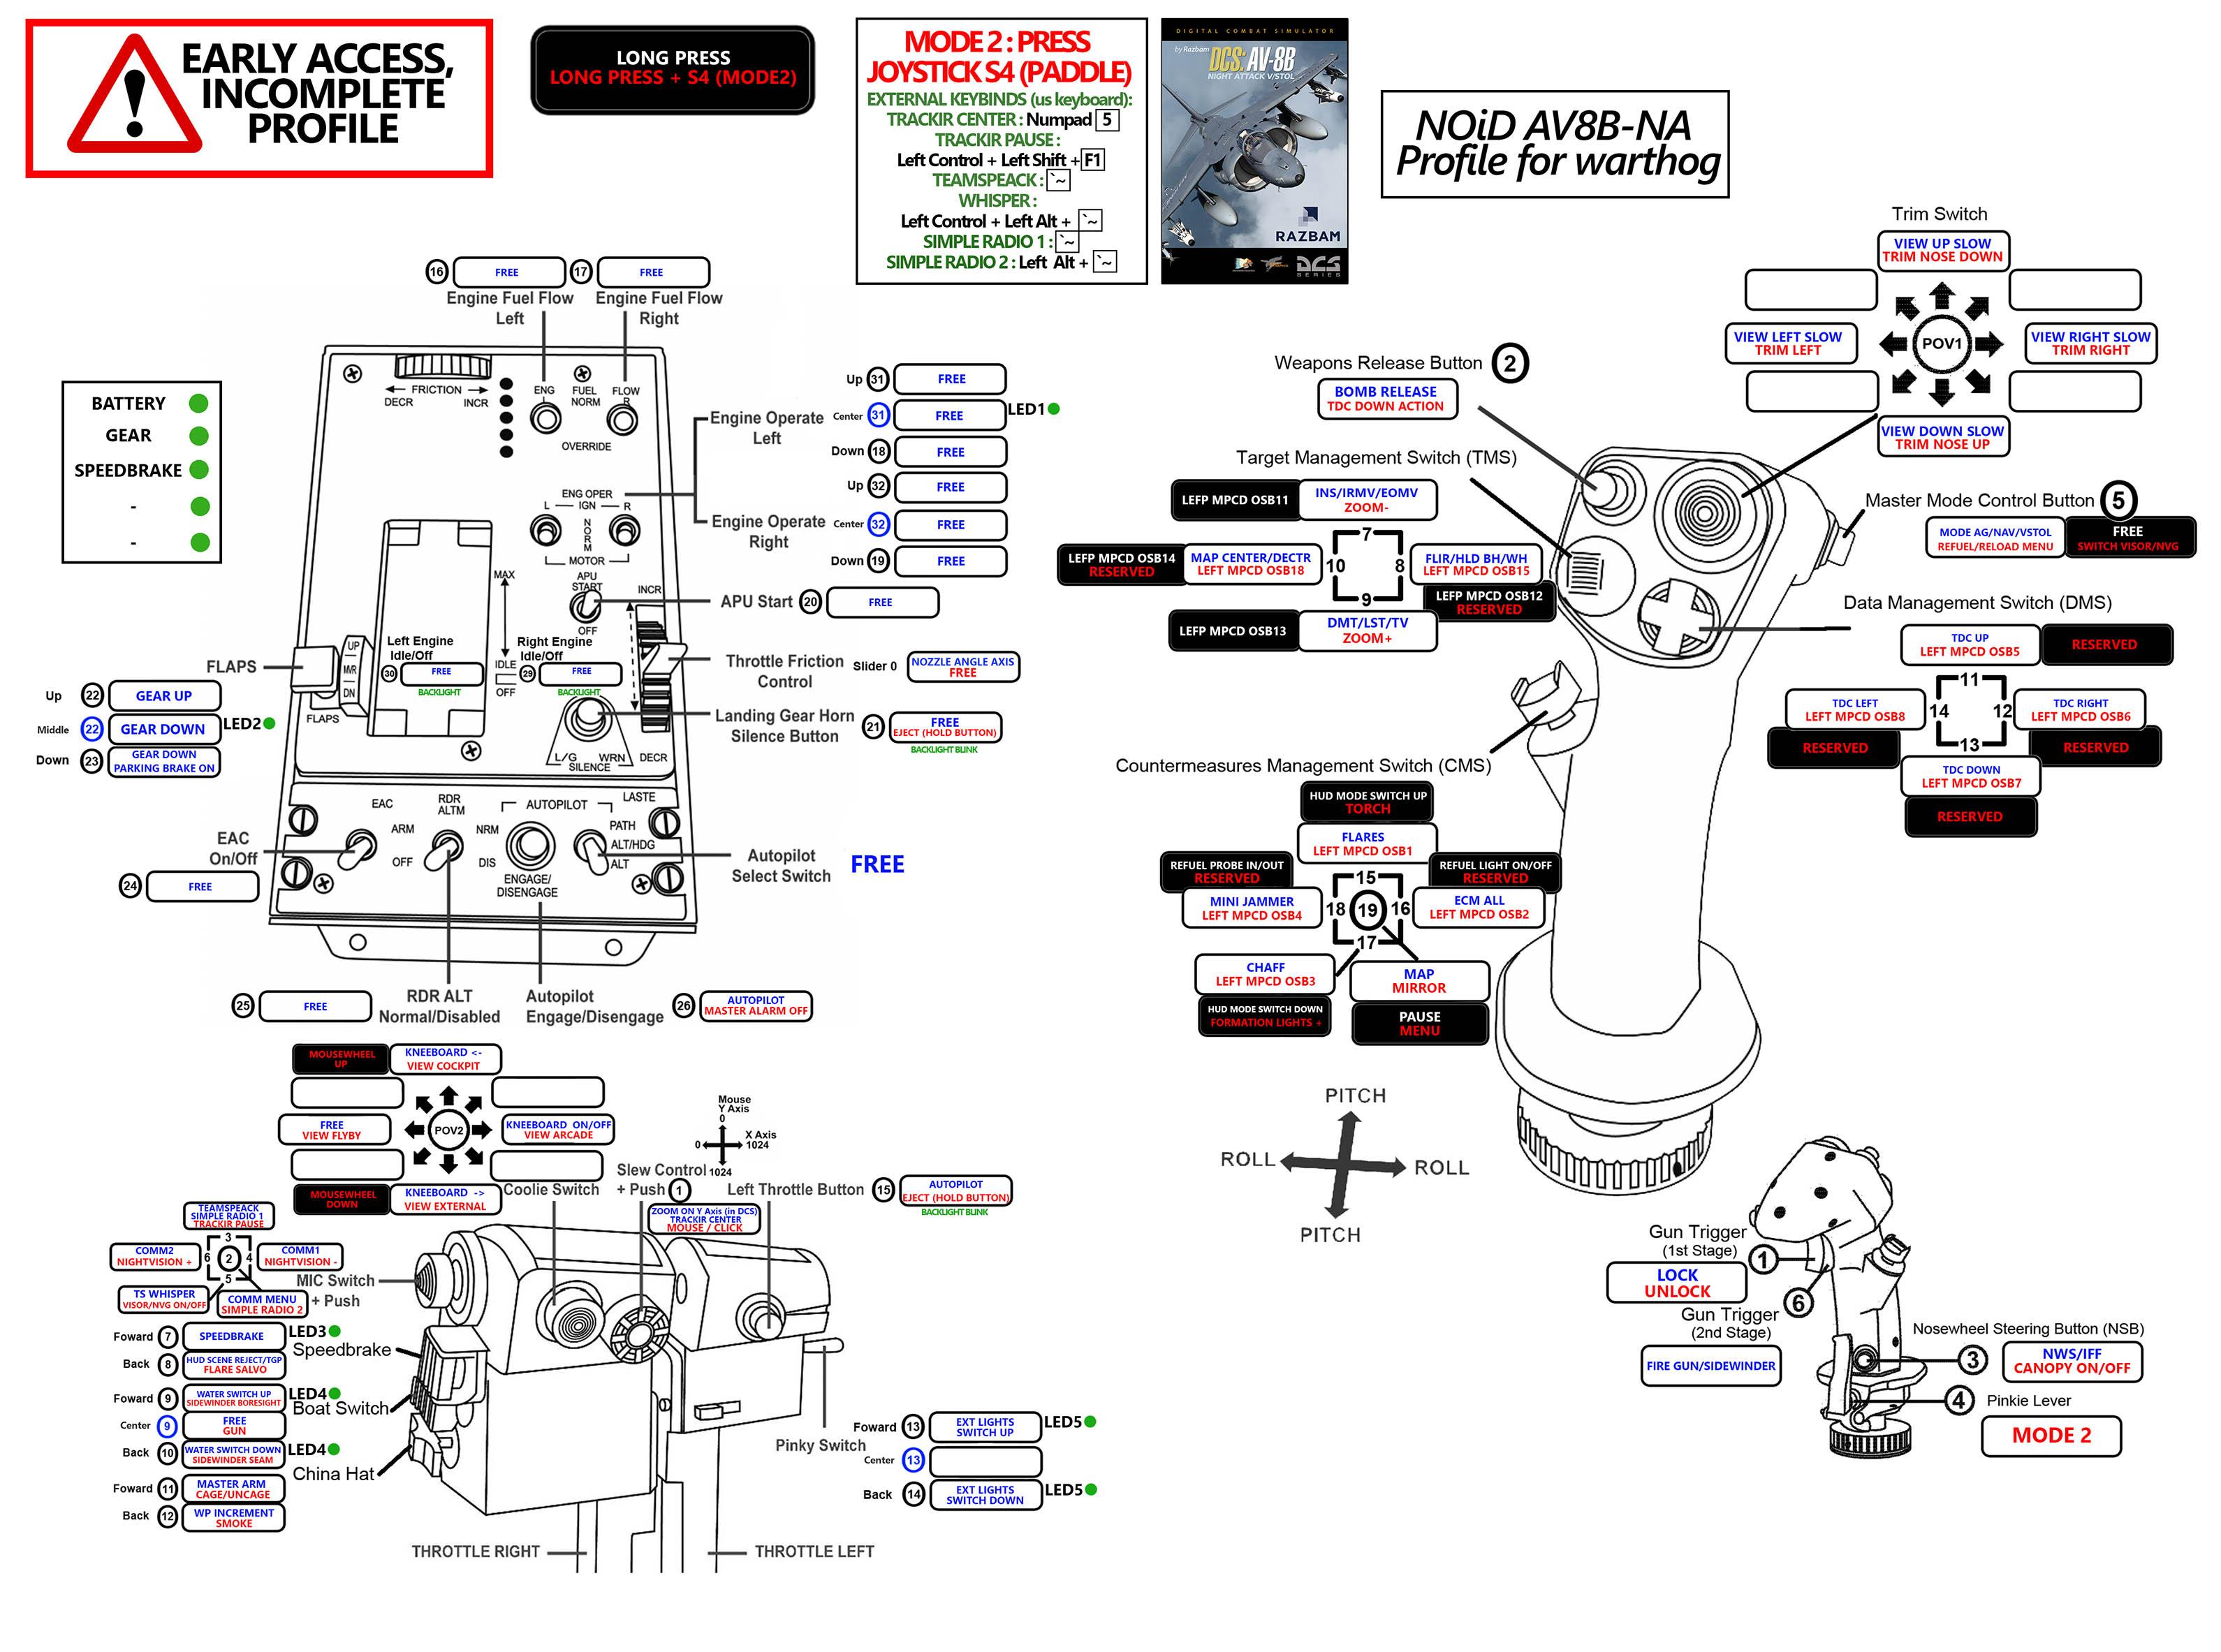 Hotas Warthog Profile for RAZBAM AV8B-NA (Shiftstate/TrackIR